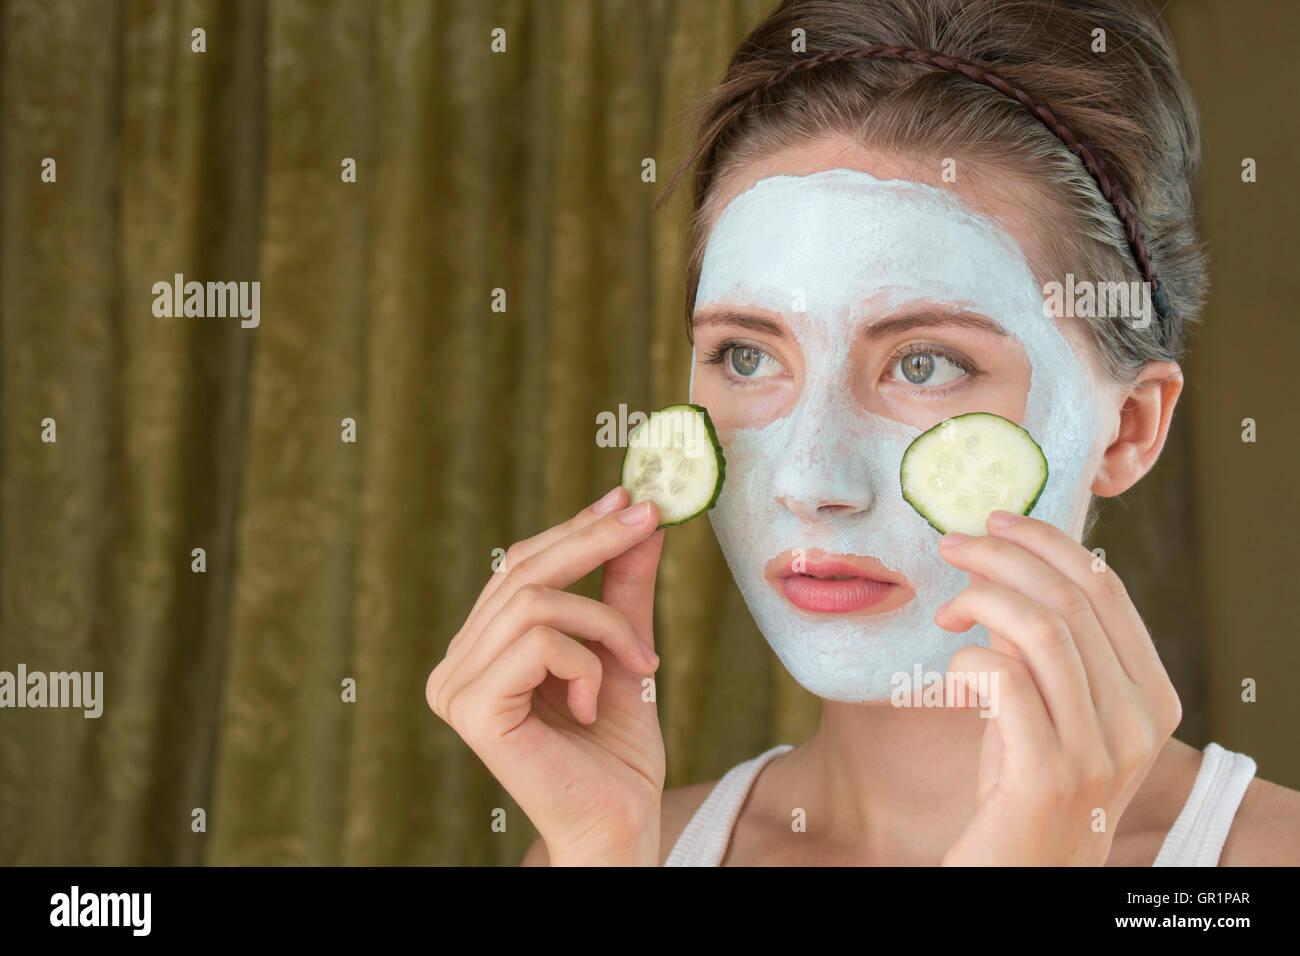 junge Frau kümmert sich um ihren Teint Schichtung Feuchtigkeitscreme Stockbild